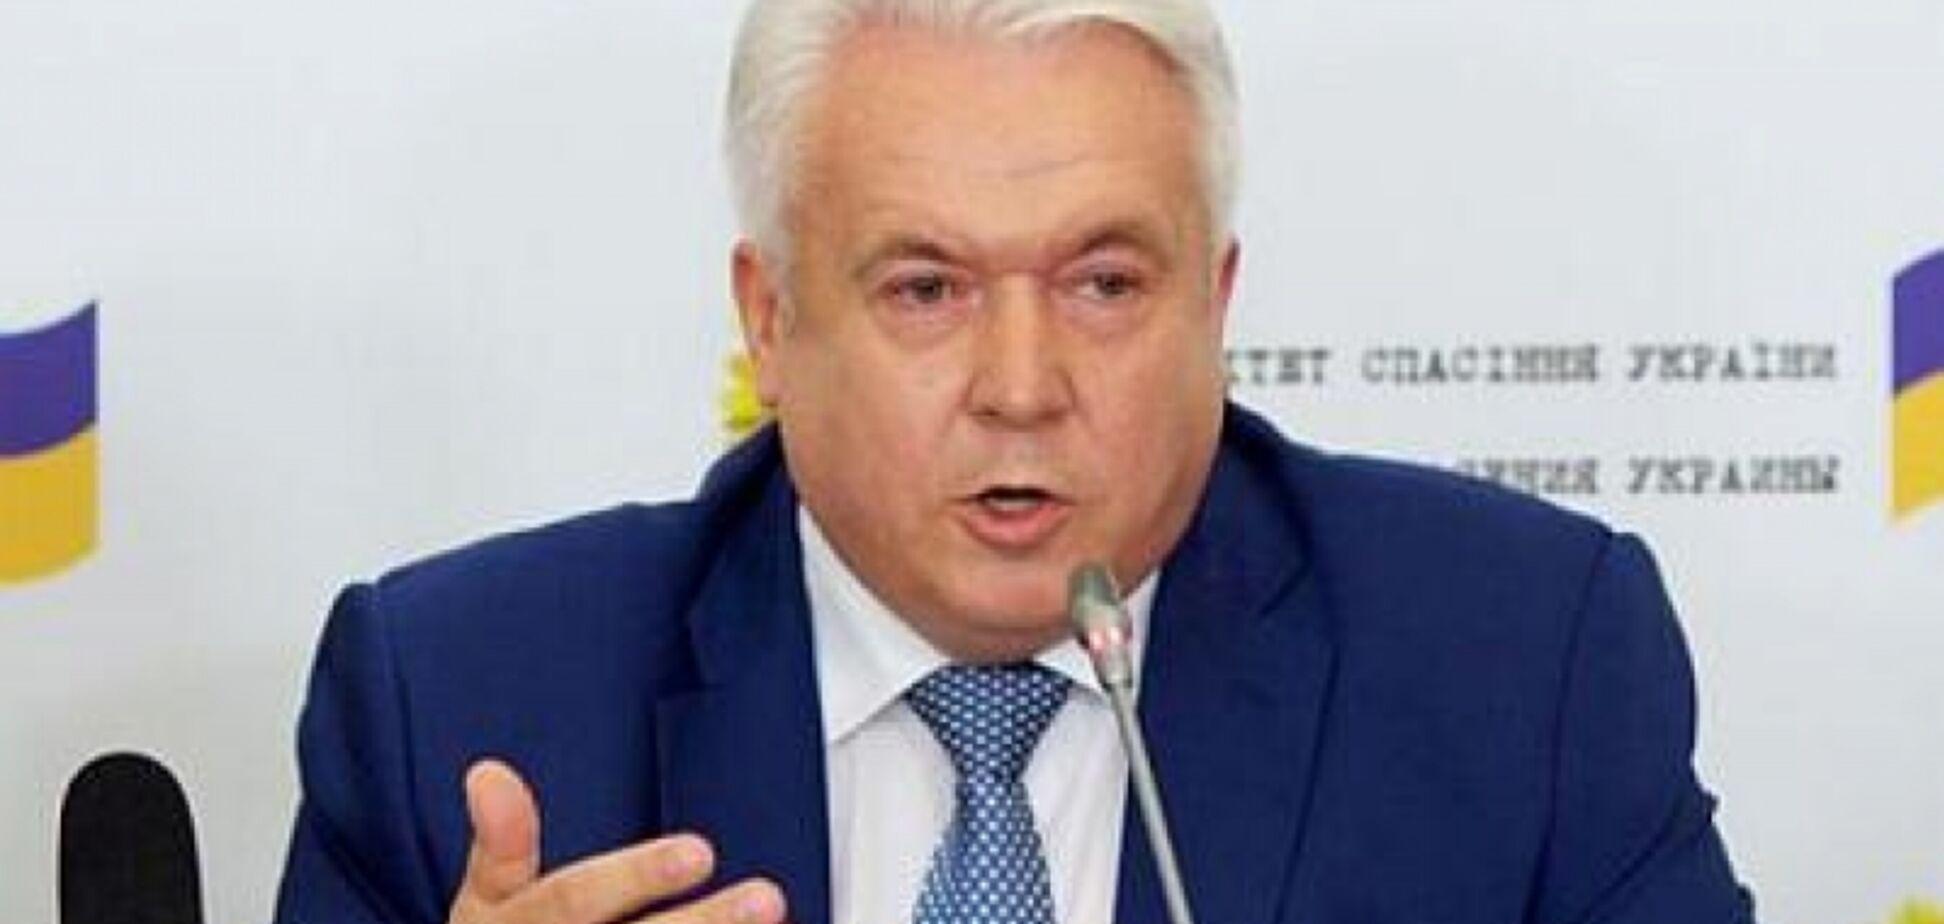 Но сам сбежал: беглый экс-регионал призвал Украину к массовым бунтам